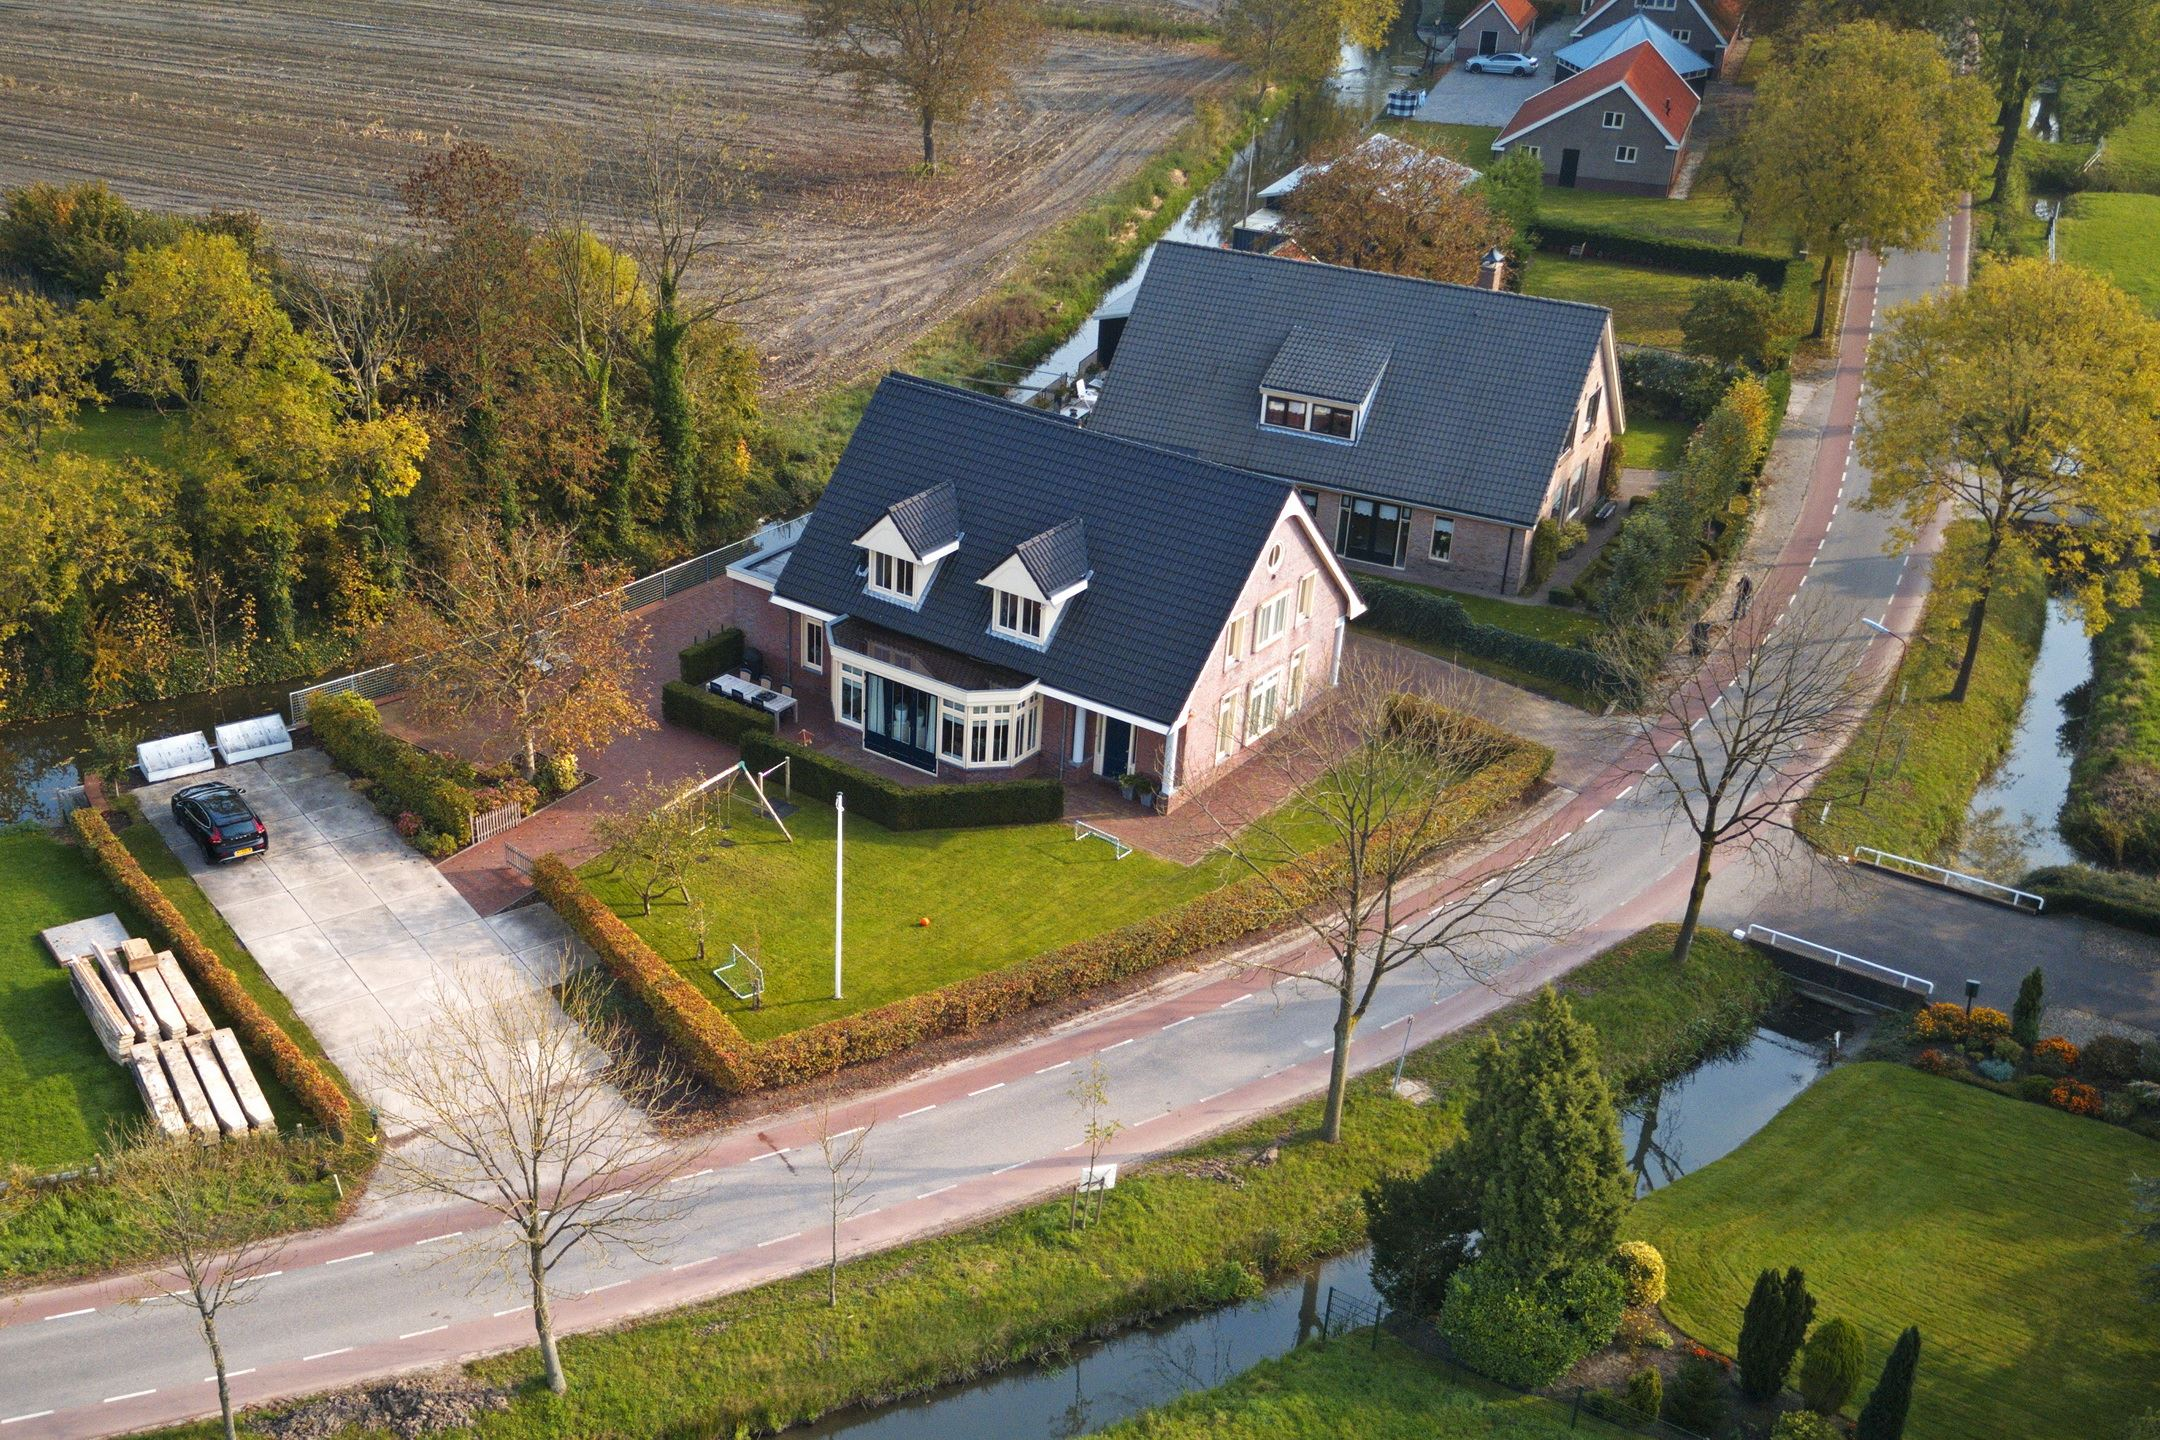 Huis te koop nedereindseweg 534 3546 pt utrecht funda for Funda utrecht